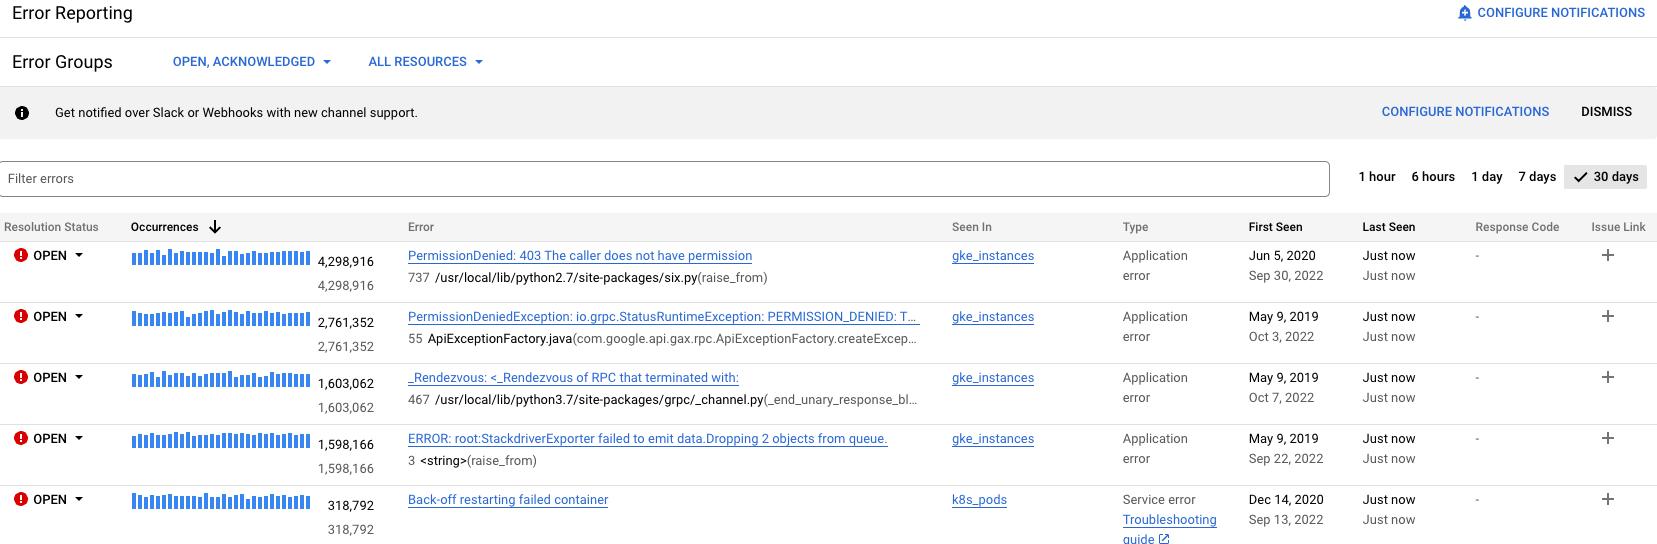 La interfaz de usuario que muestra casos de lotes de errores de ejemplo.